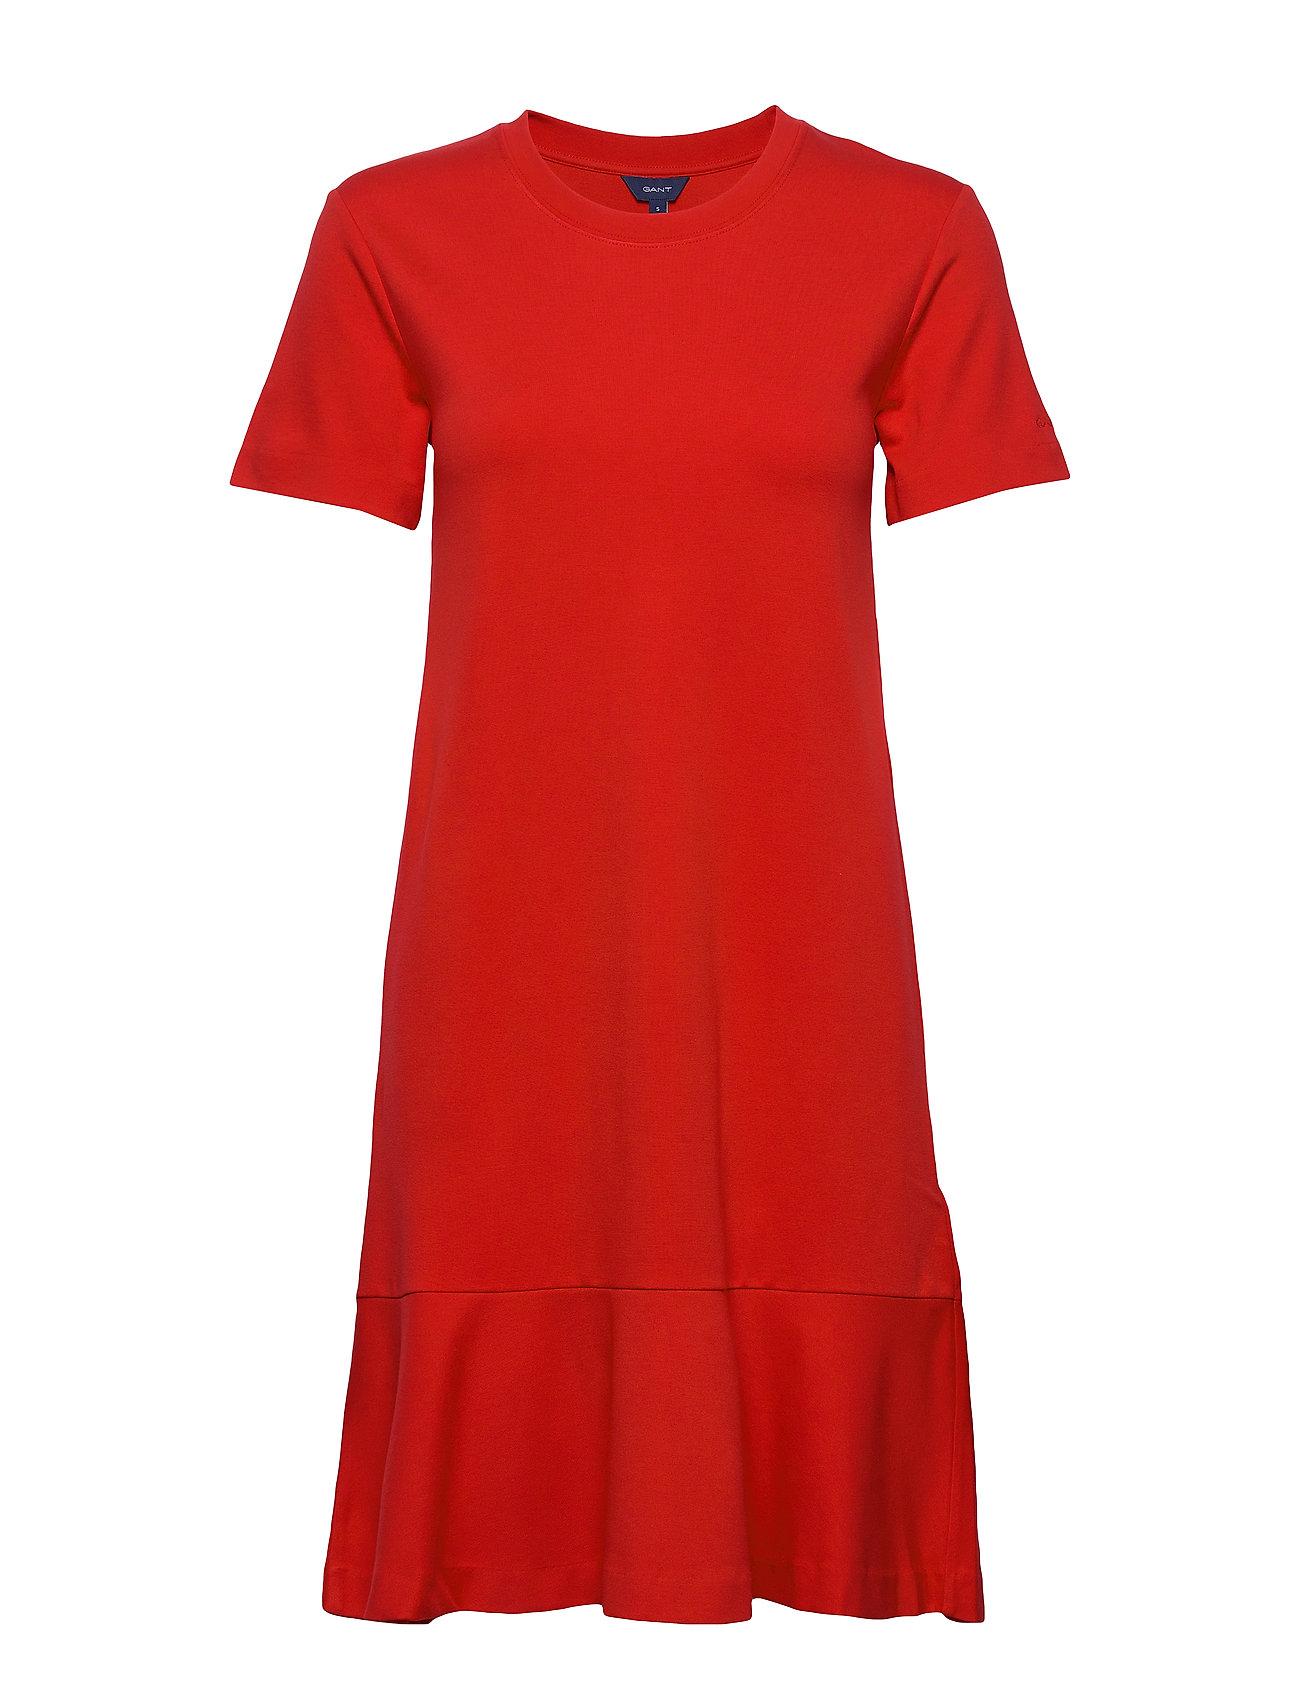 Gant D1. FLOUNCE DETAIL JERSEY DRESS - BRIGHT RED